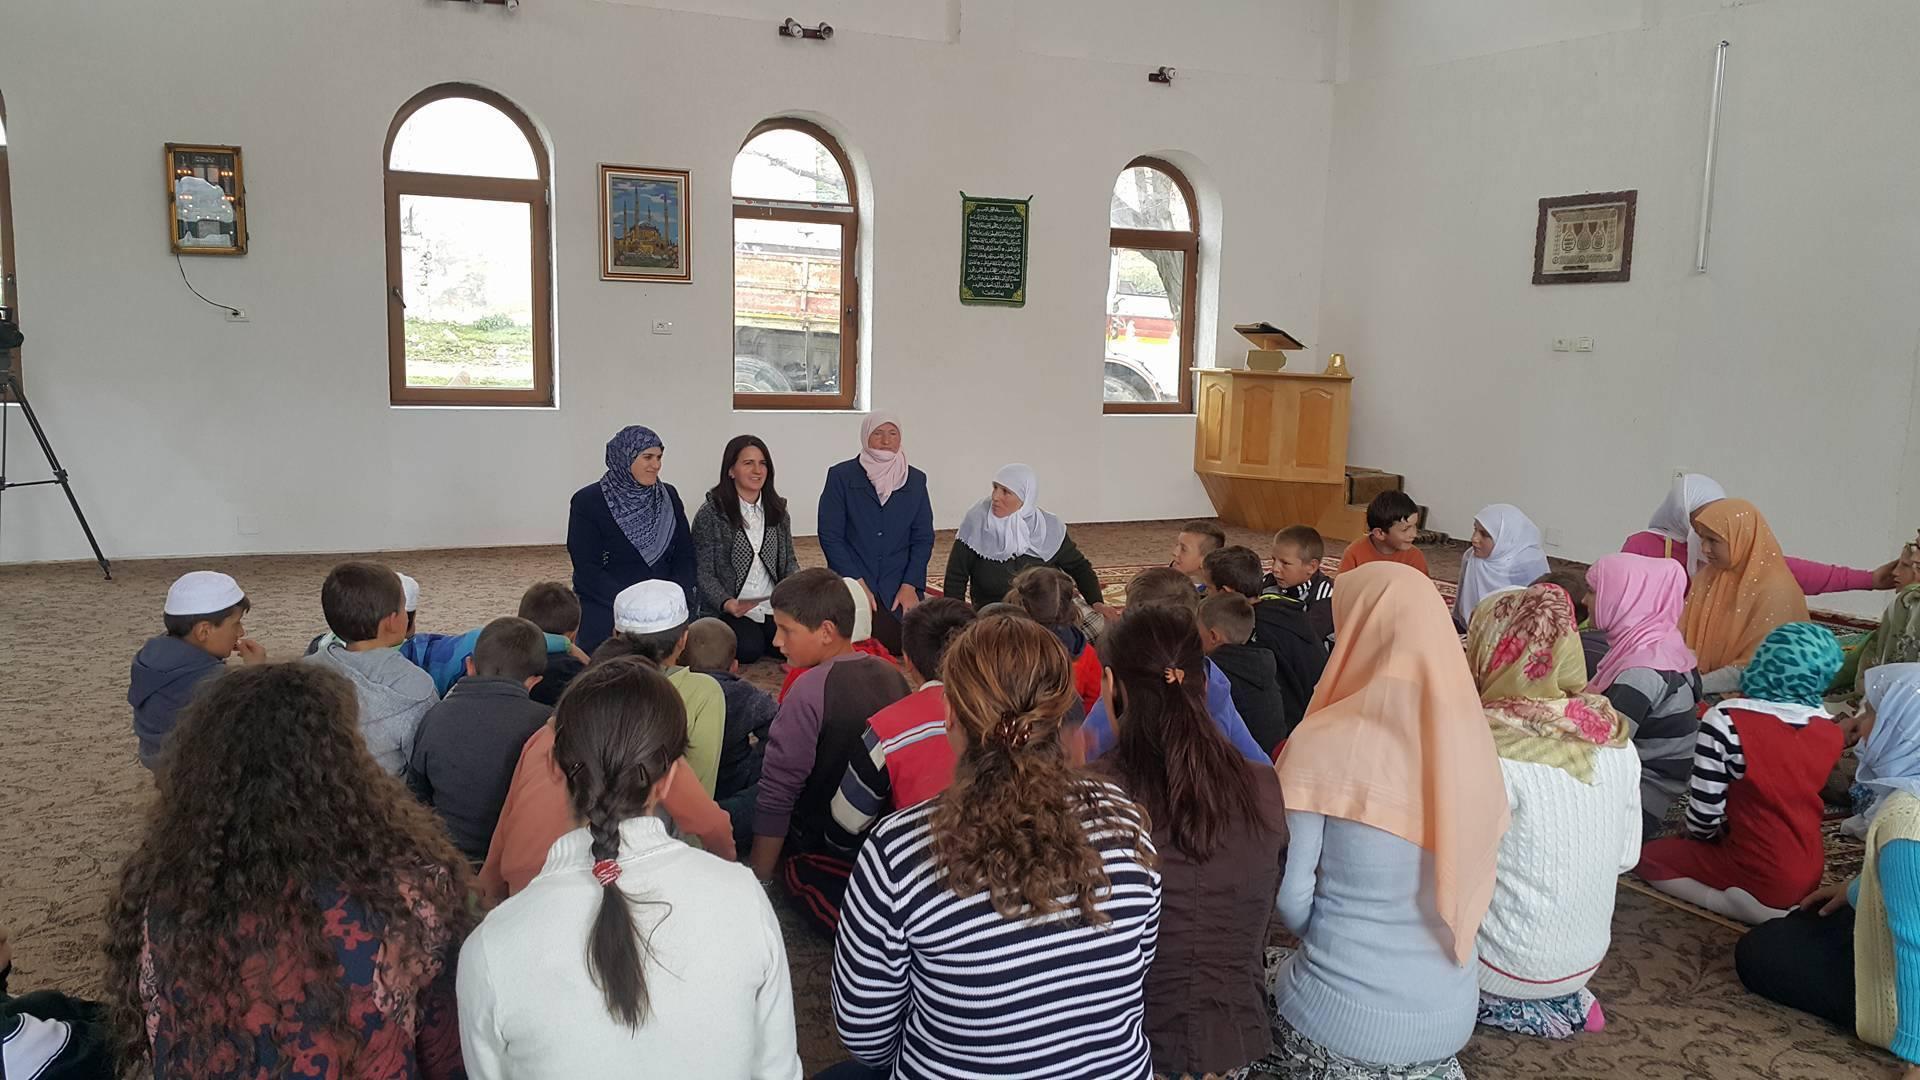 Përfaqësueset e Zyrës së Gruas takim me besimtaret e fshatit Shishtavec